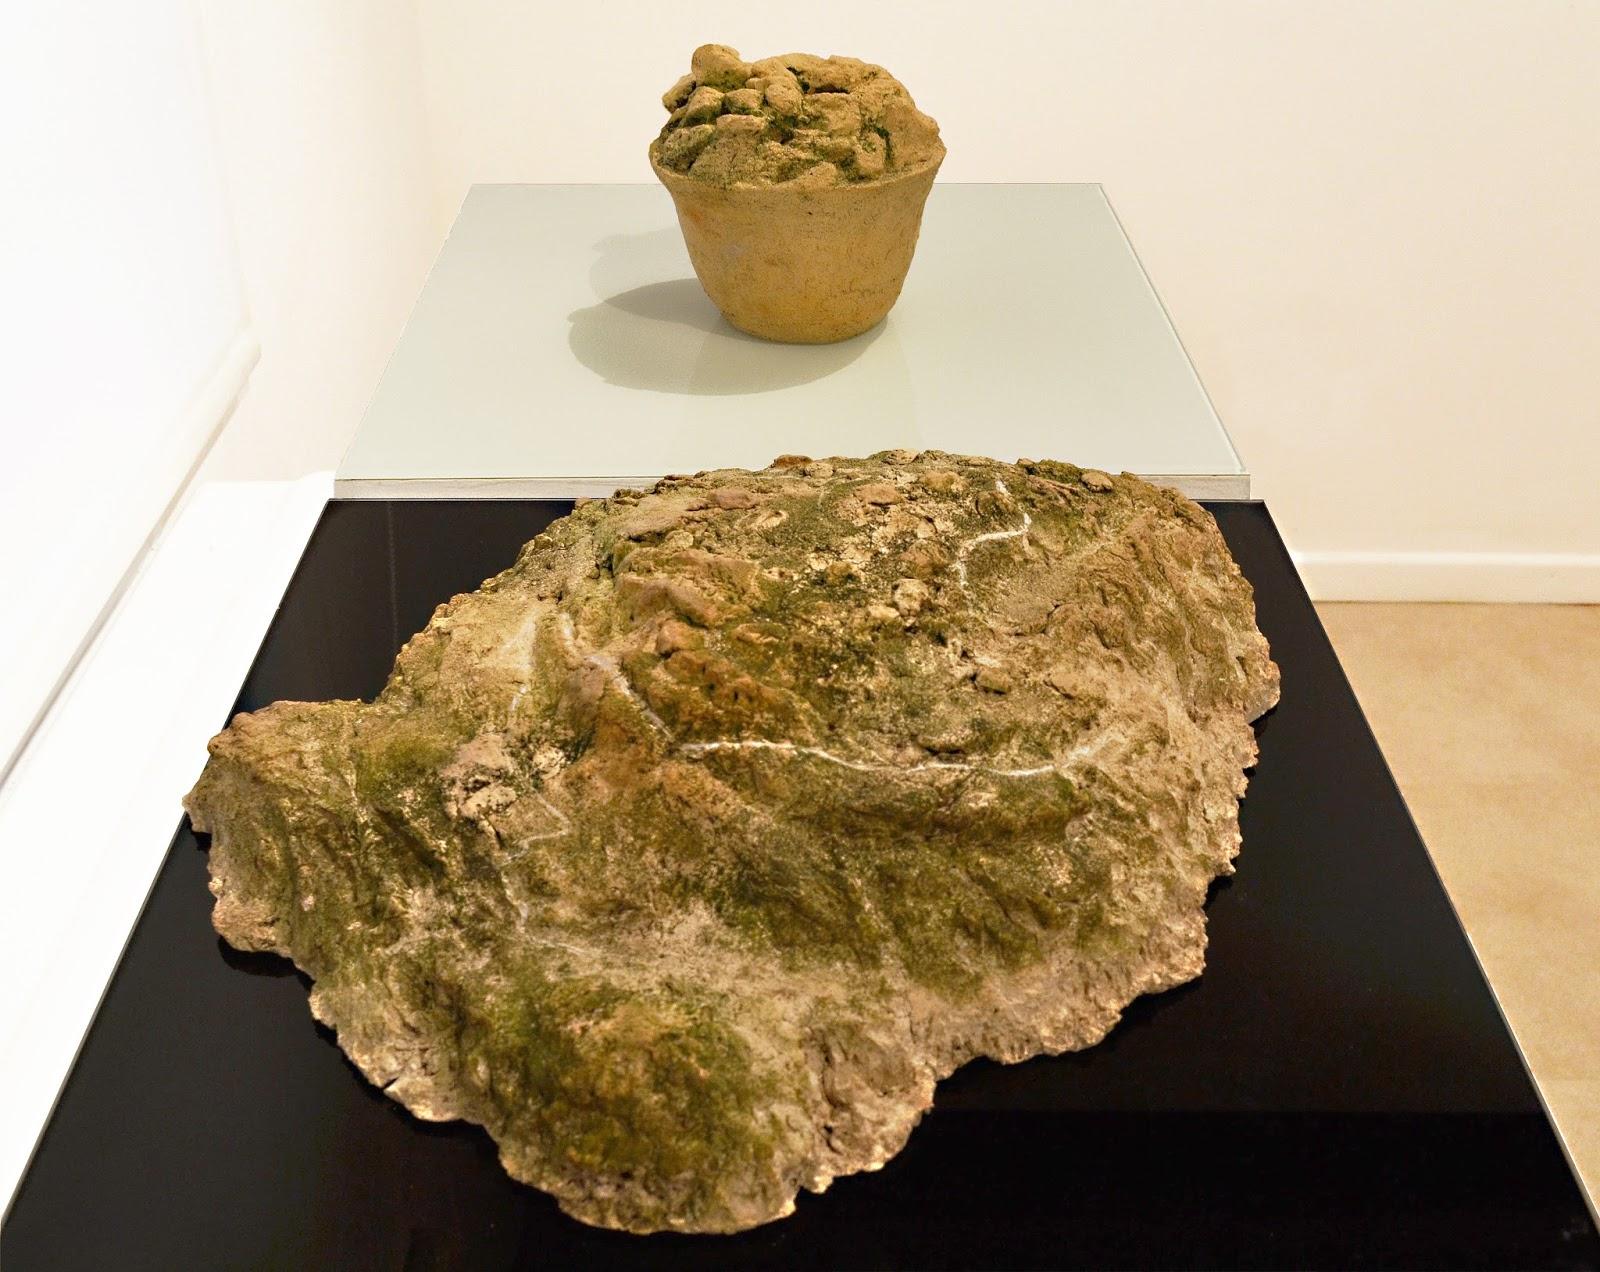 Museo de cer mica de aranda de duero for Ceramicas burgos